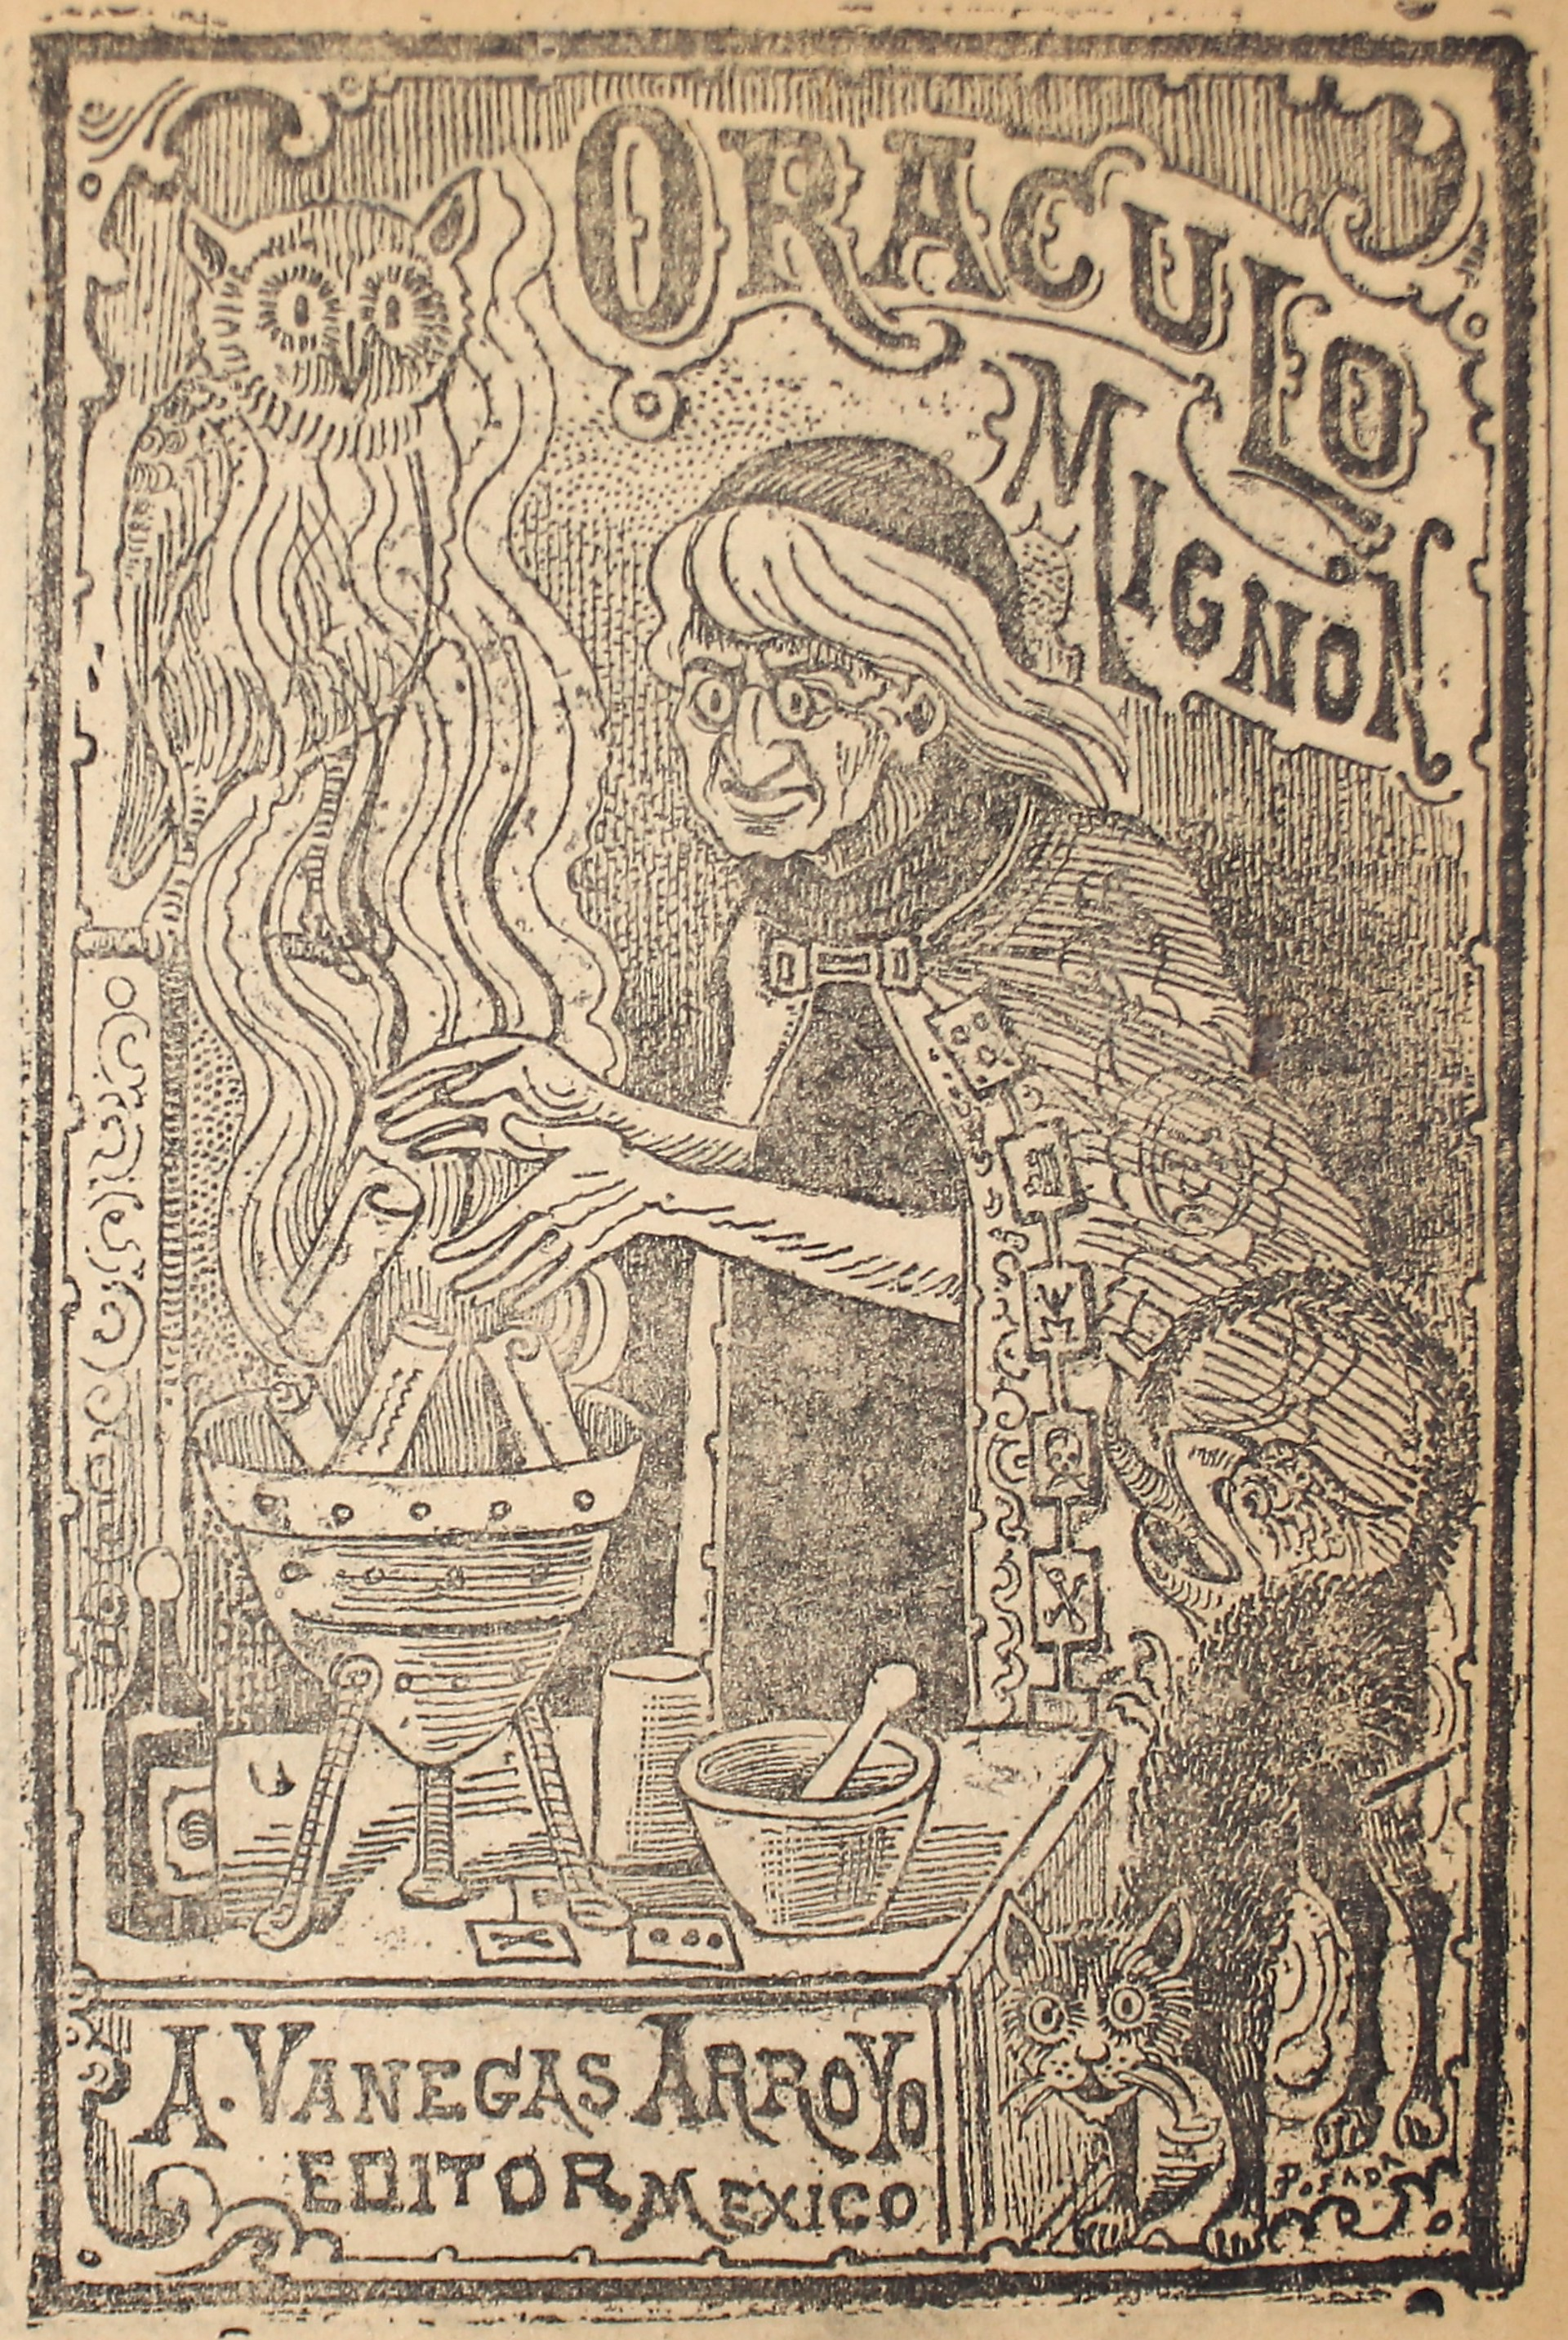 Oraculo Mignon by José Guadalupe Posada (1852 - 1913)